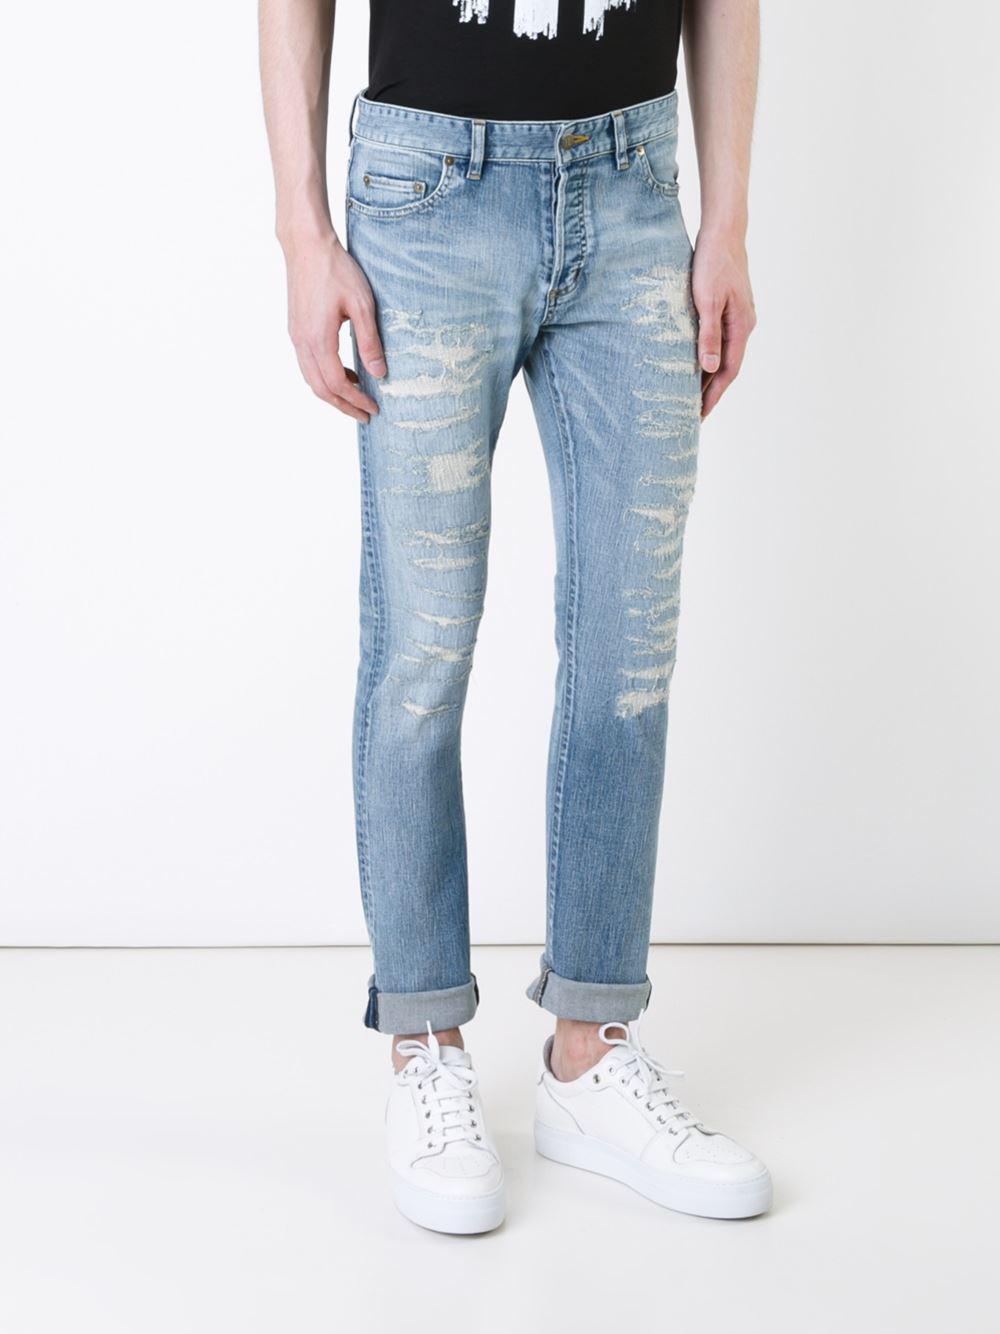 HL Heddie Lovu Denim Distressed Skinny Jeans in Blue for Men